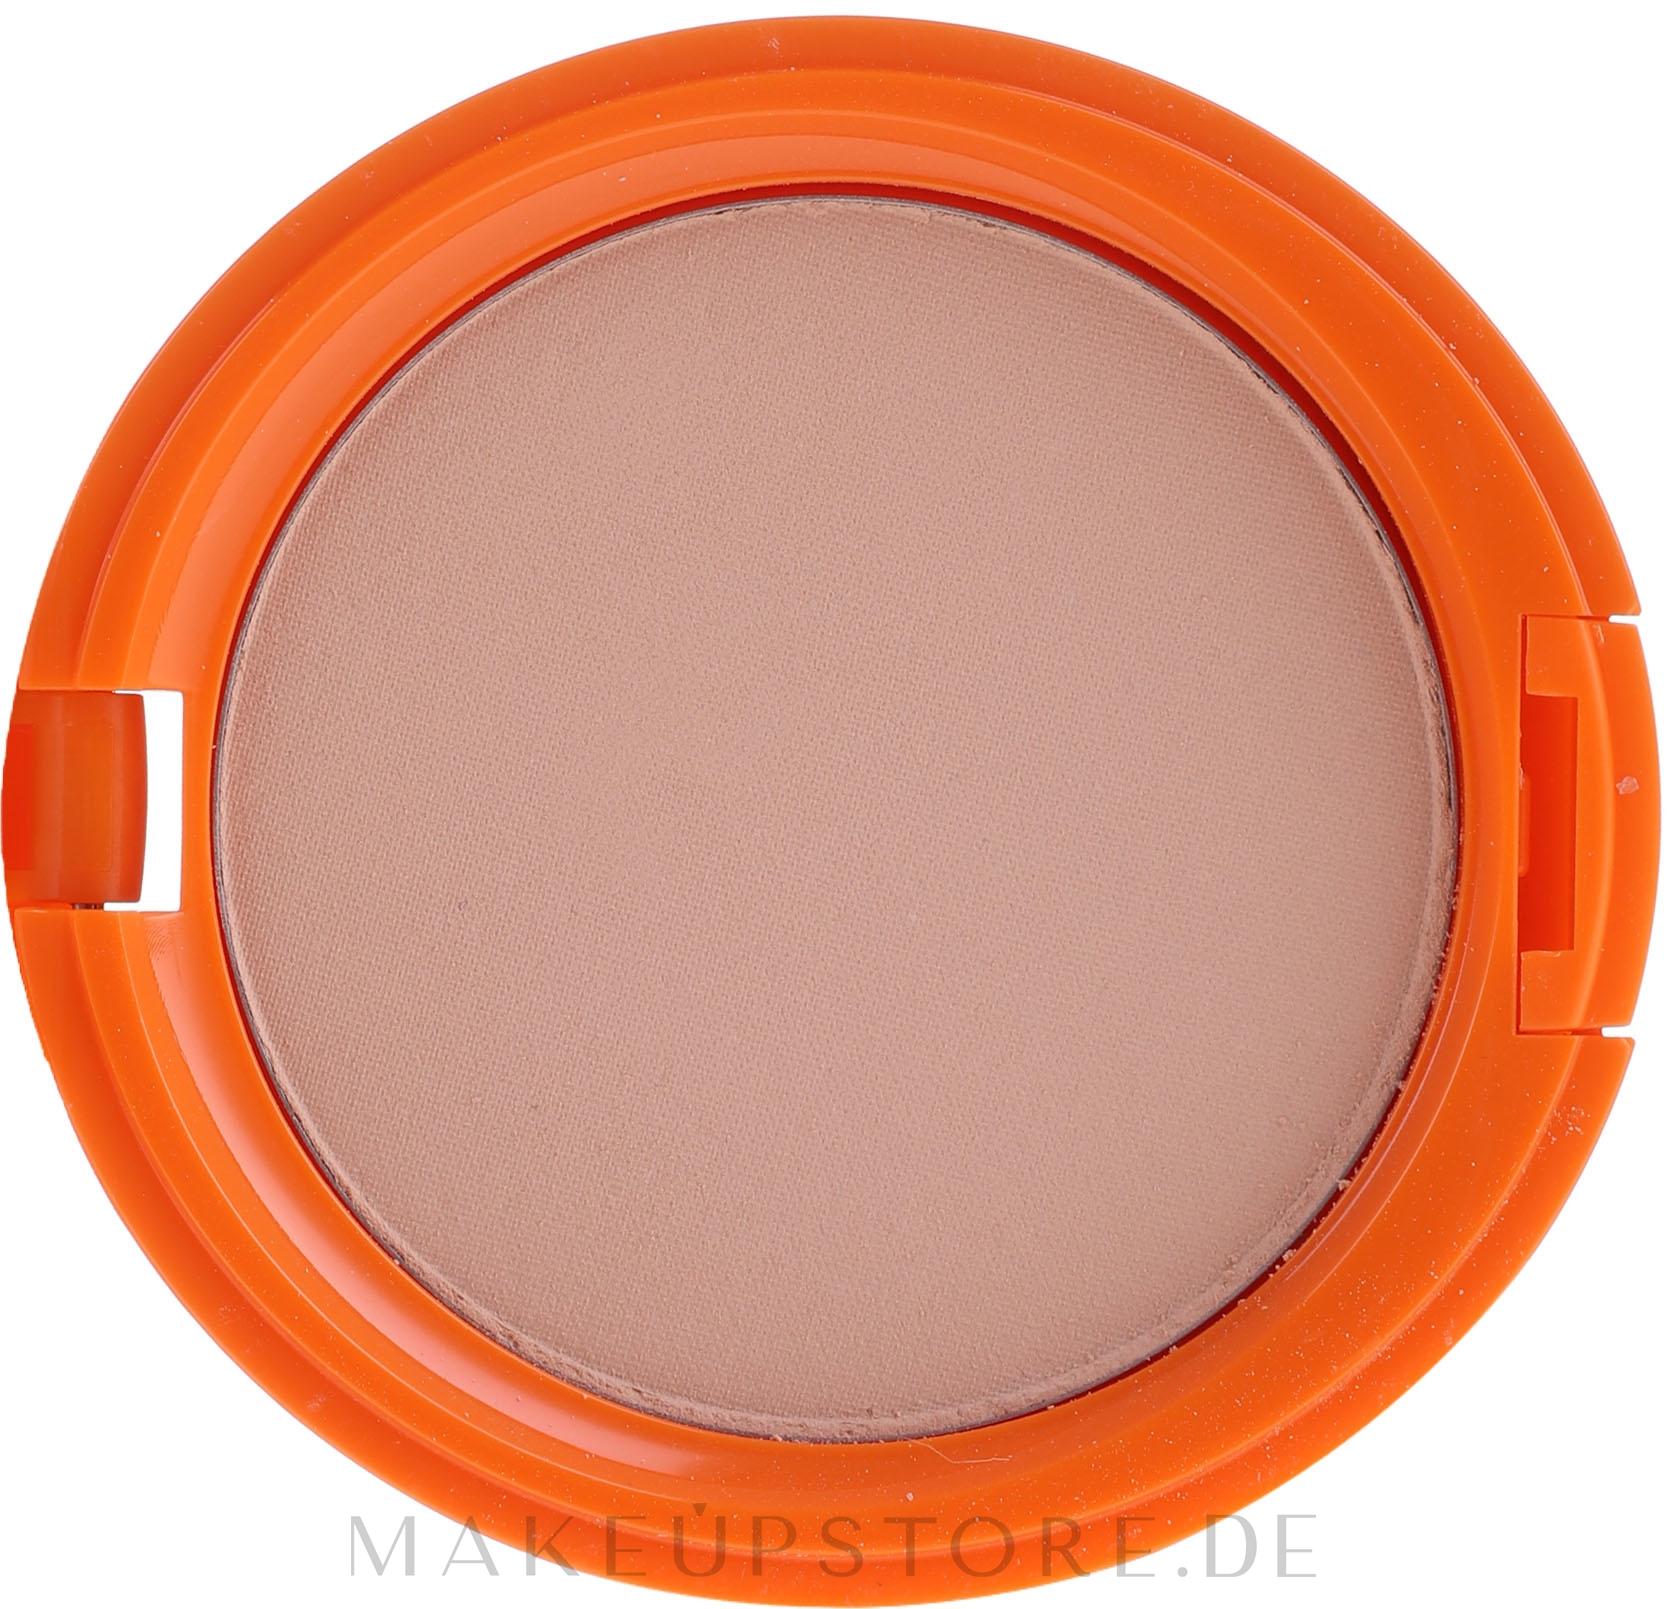 Kompaktpuder für das Gesicht SPF 30 - Paese Powder SPF30 — Bild 01 - Warm Beige